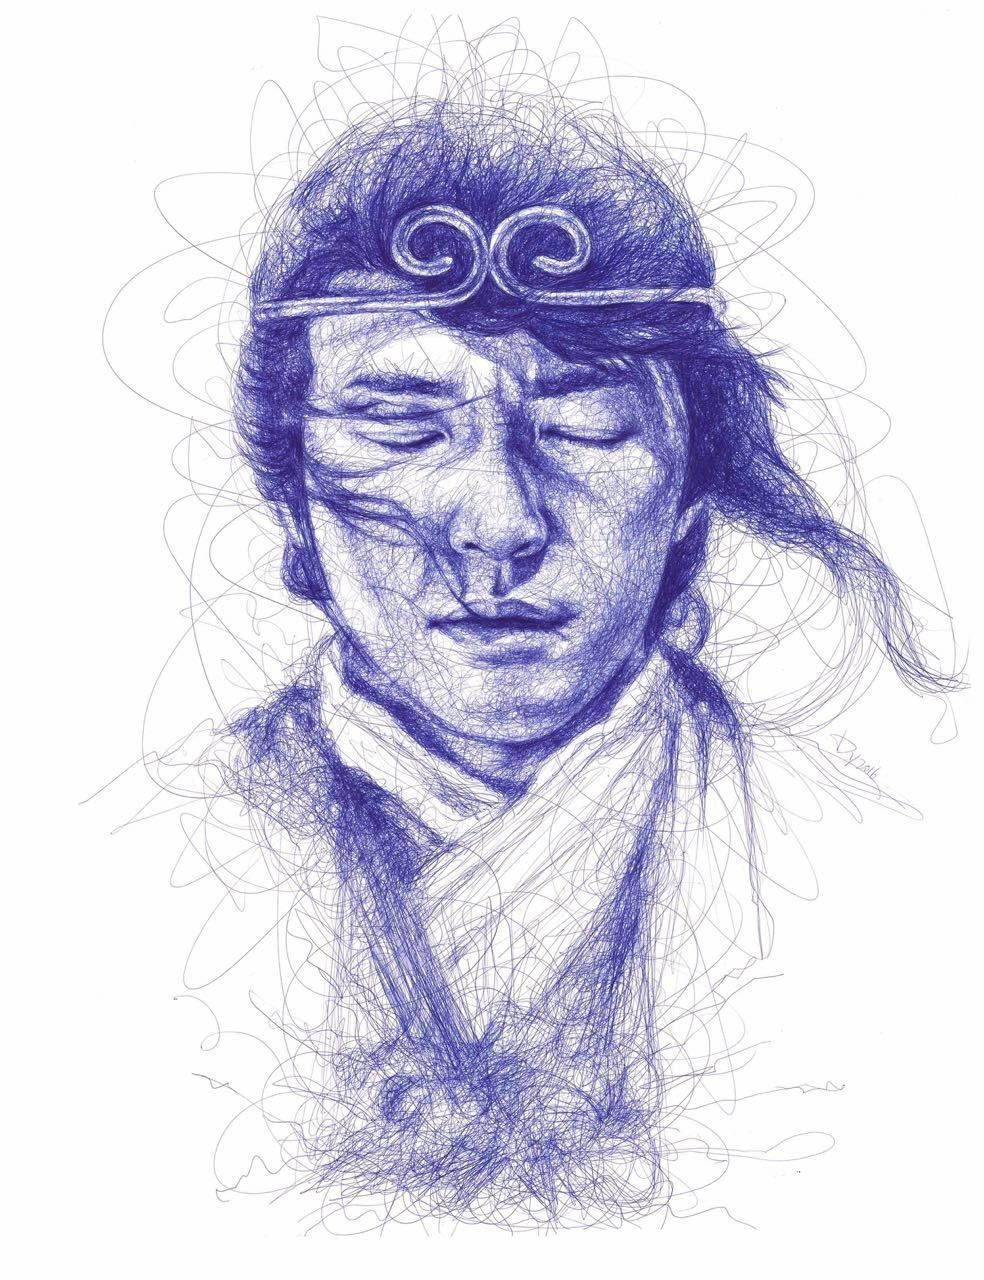 学期末,在一次素描课程后,画的作业受到老师鼓励,参加了两次比赛